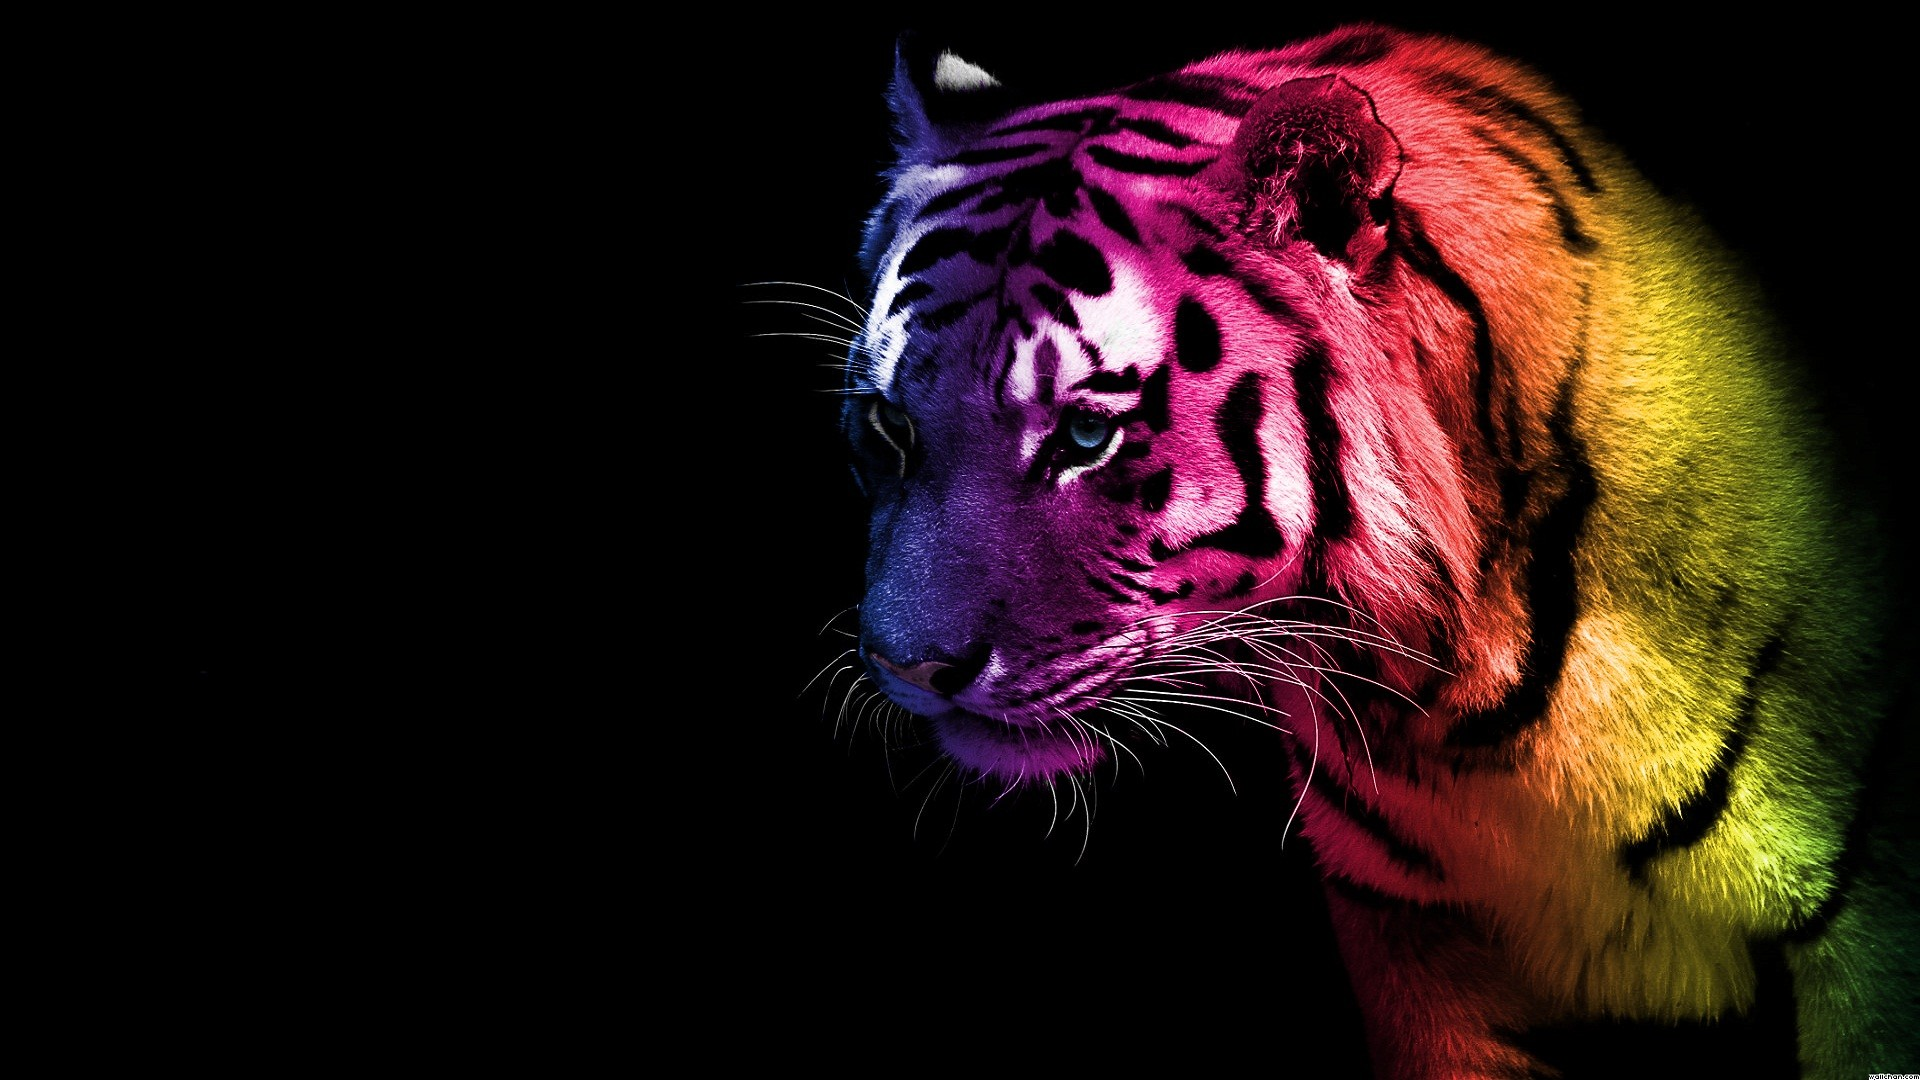 1920x1080 Auburn Tigers Live Wallpaper